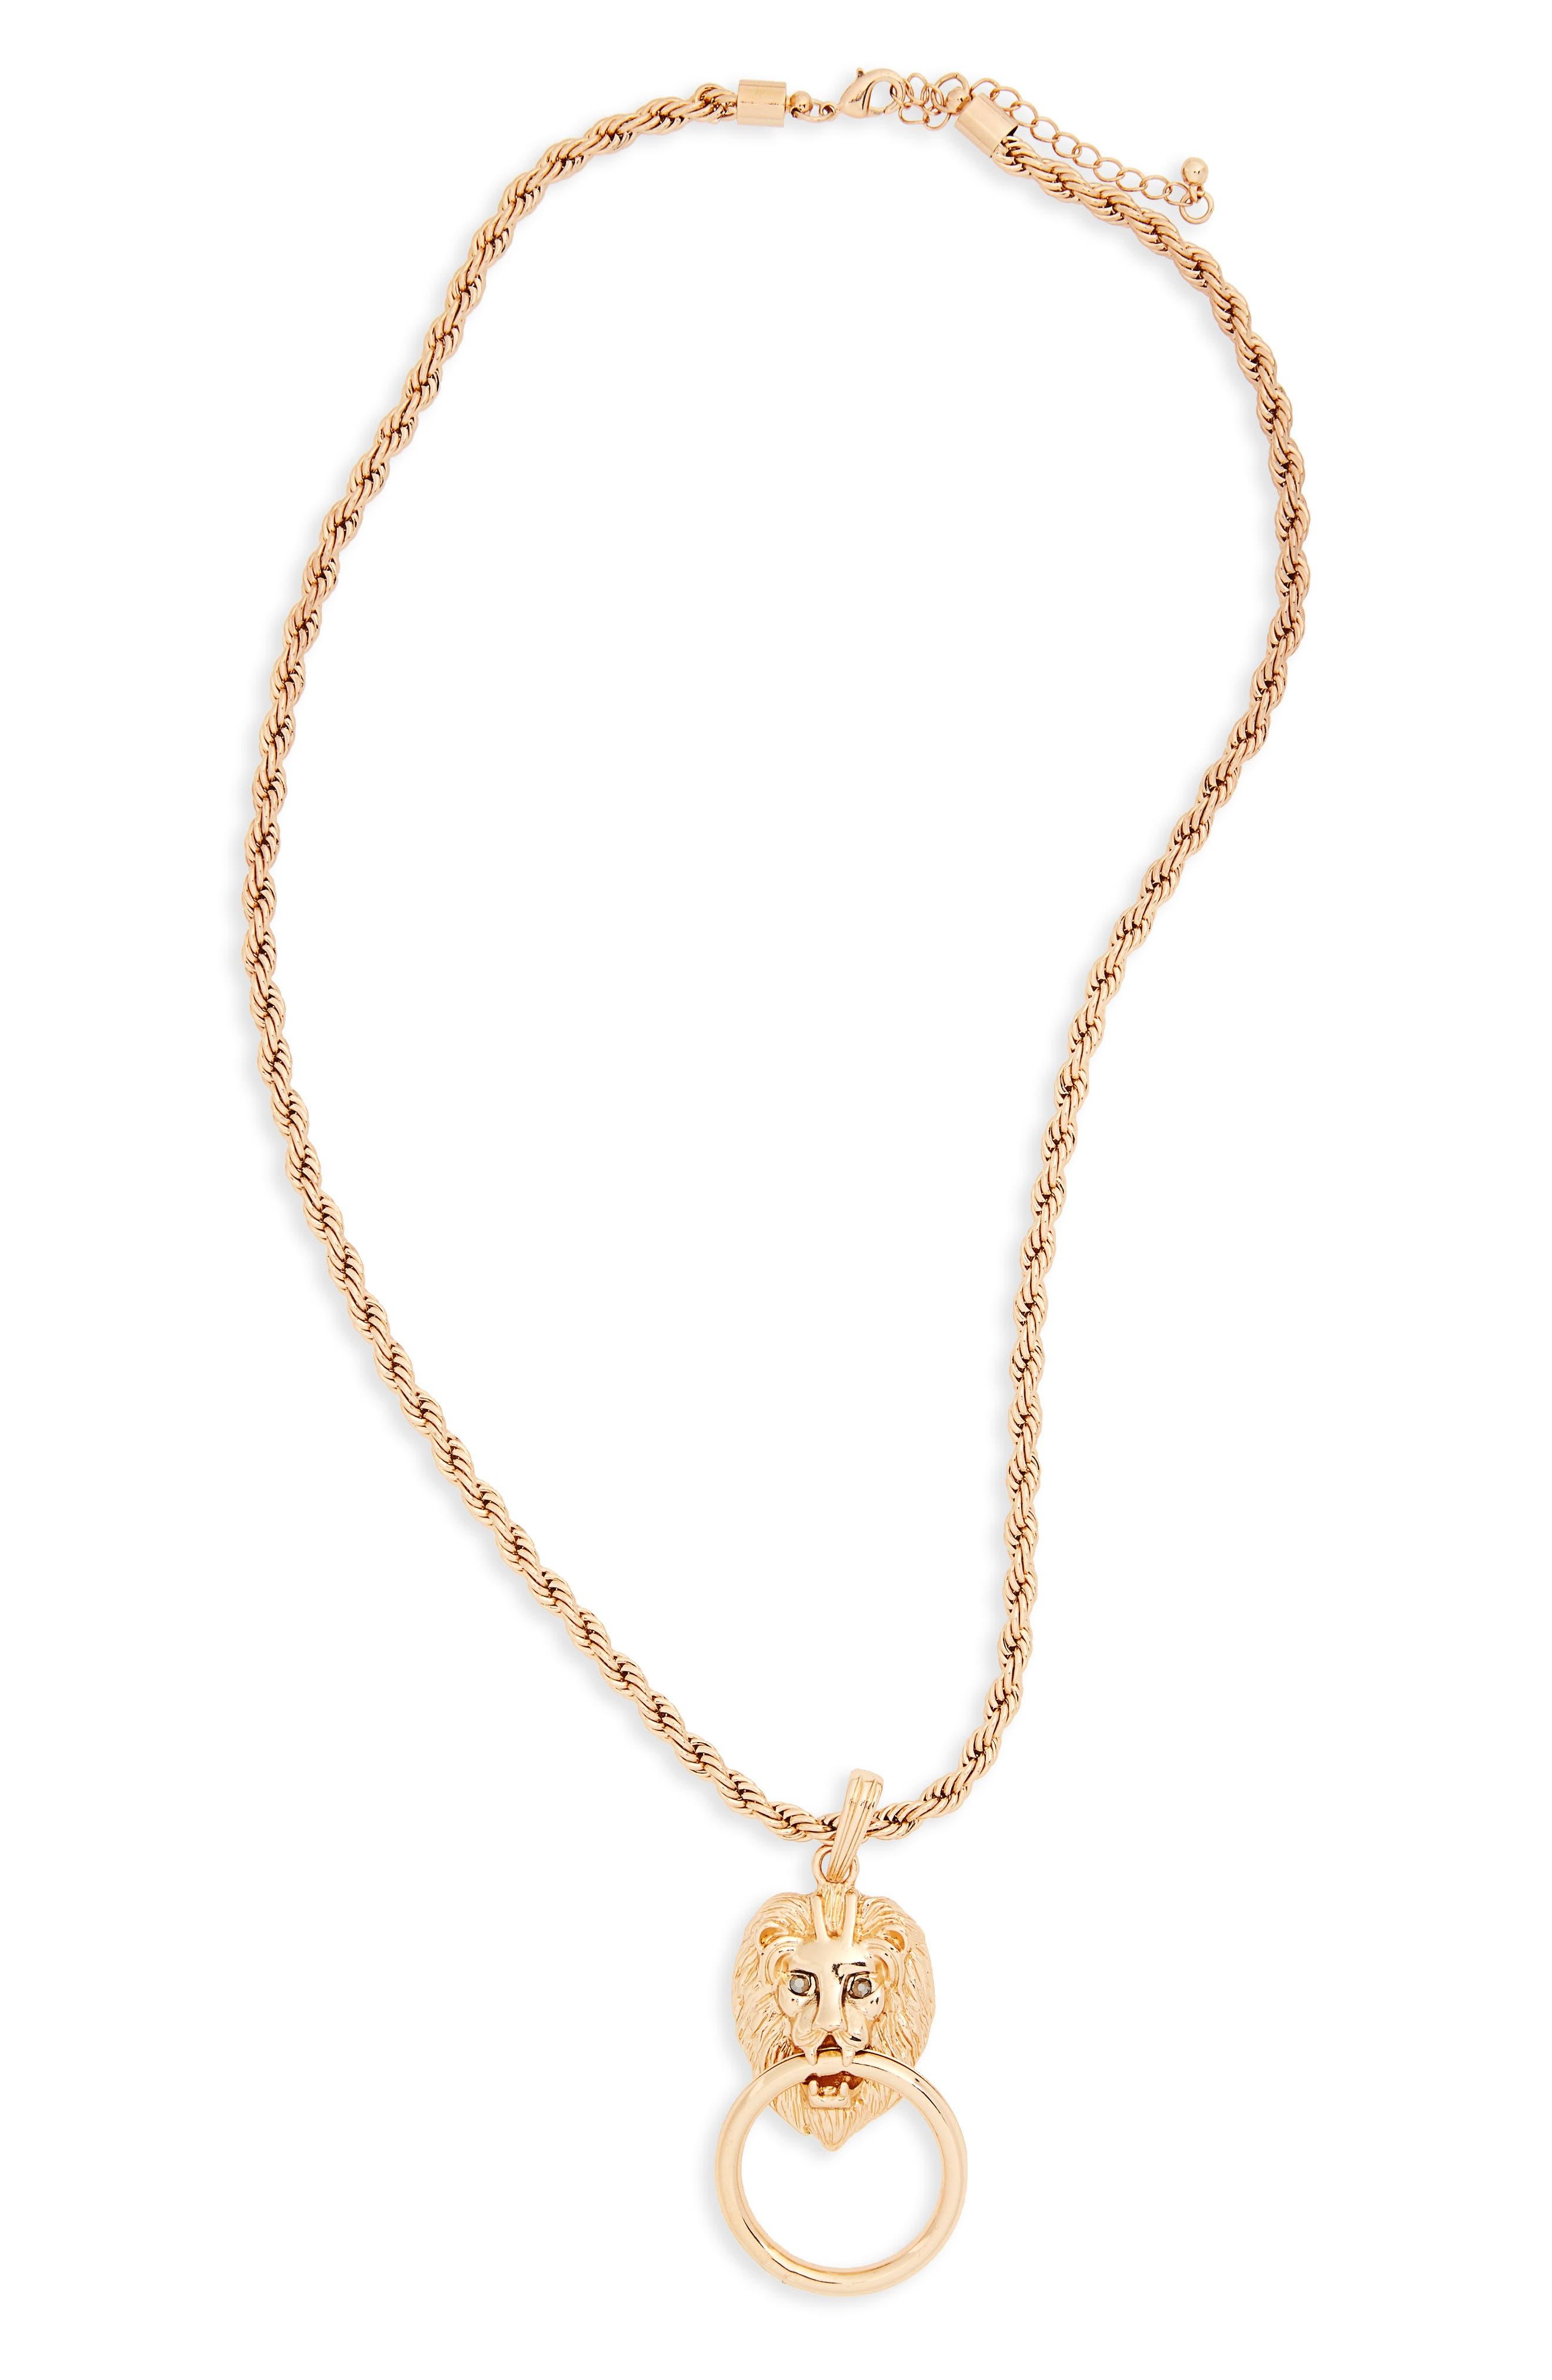 Lion Pendant Necklace,                             Main thumbnail 1, color,                             Gold